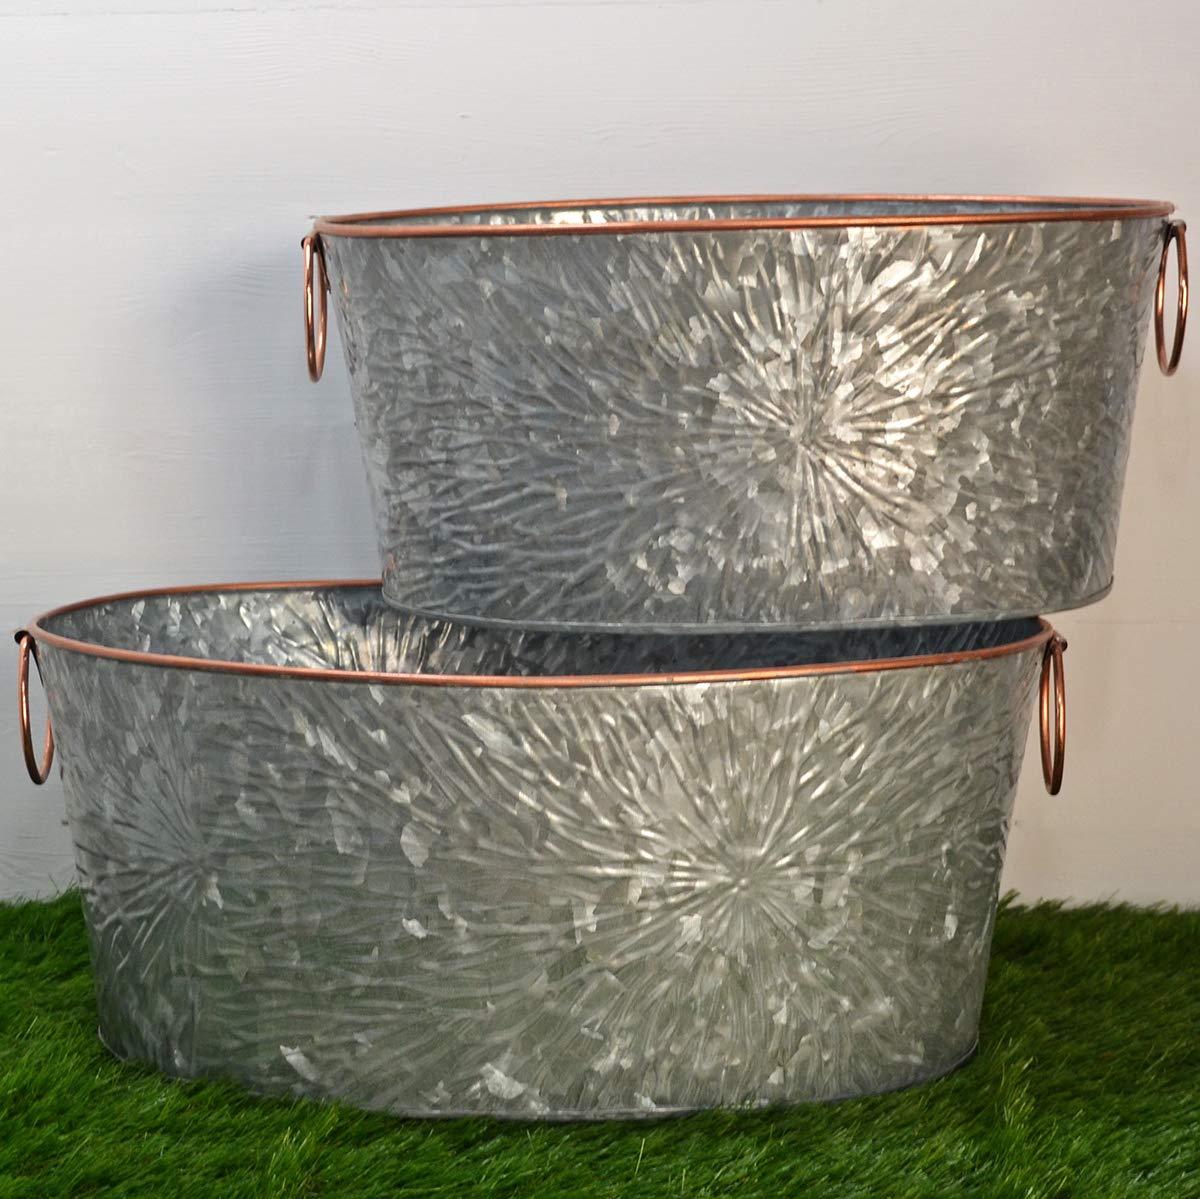 Fiesta Studios Set di 2 fioriere in Metallo zincato Vasca Ovale Grande con Finiture in Rame per casa o Giardino per Piante & Storage